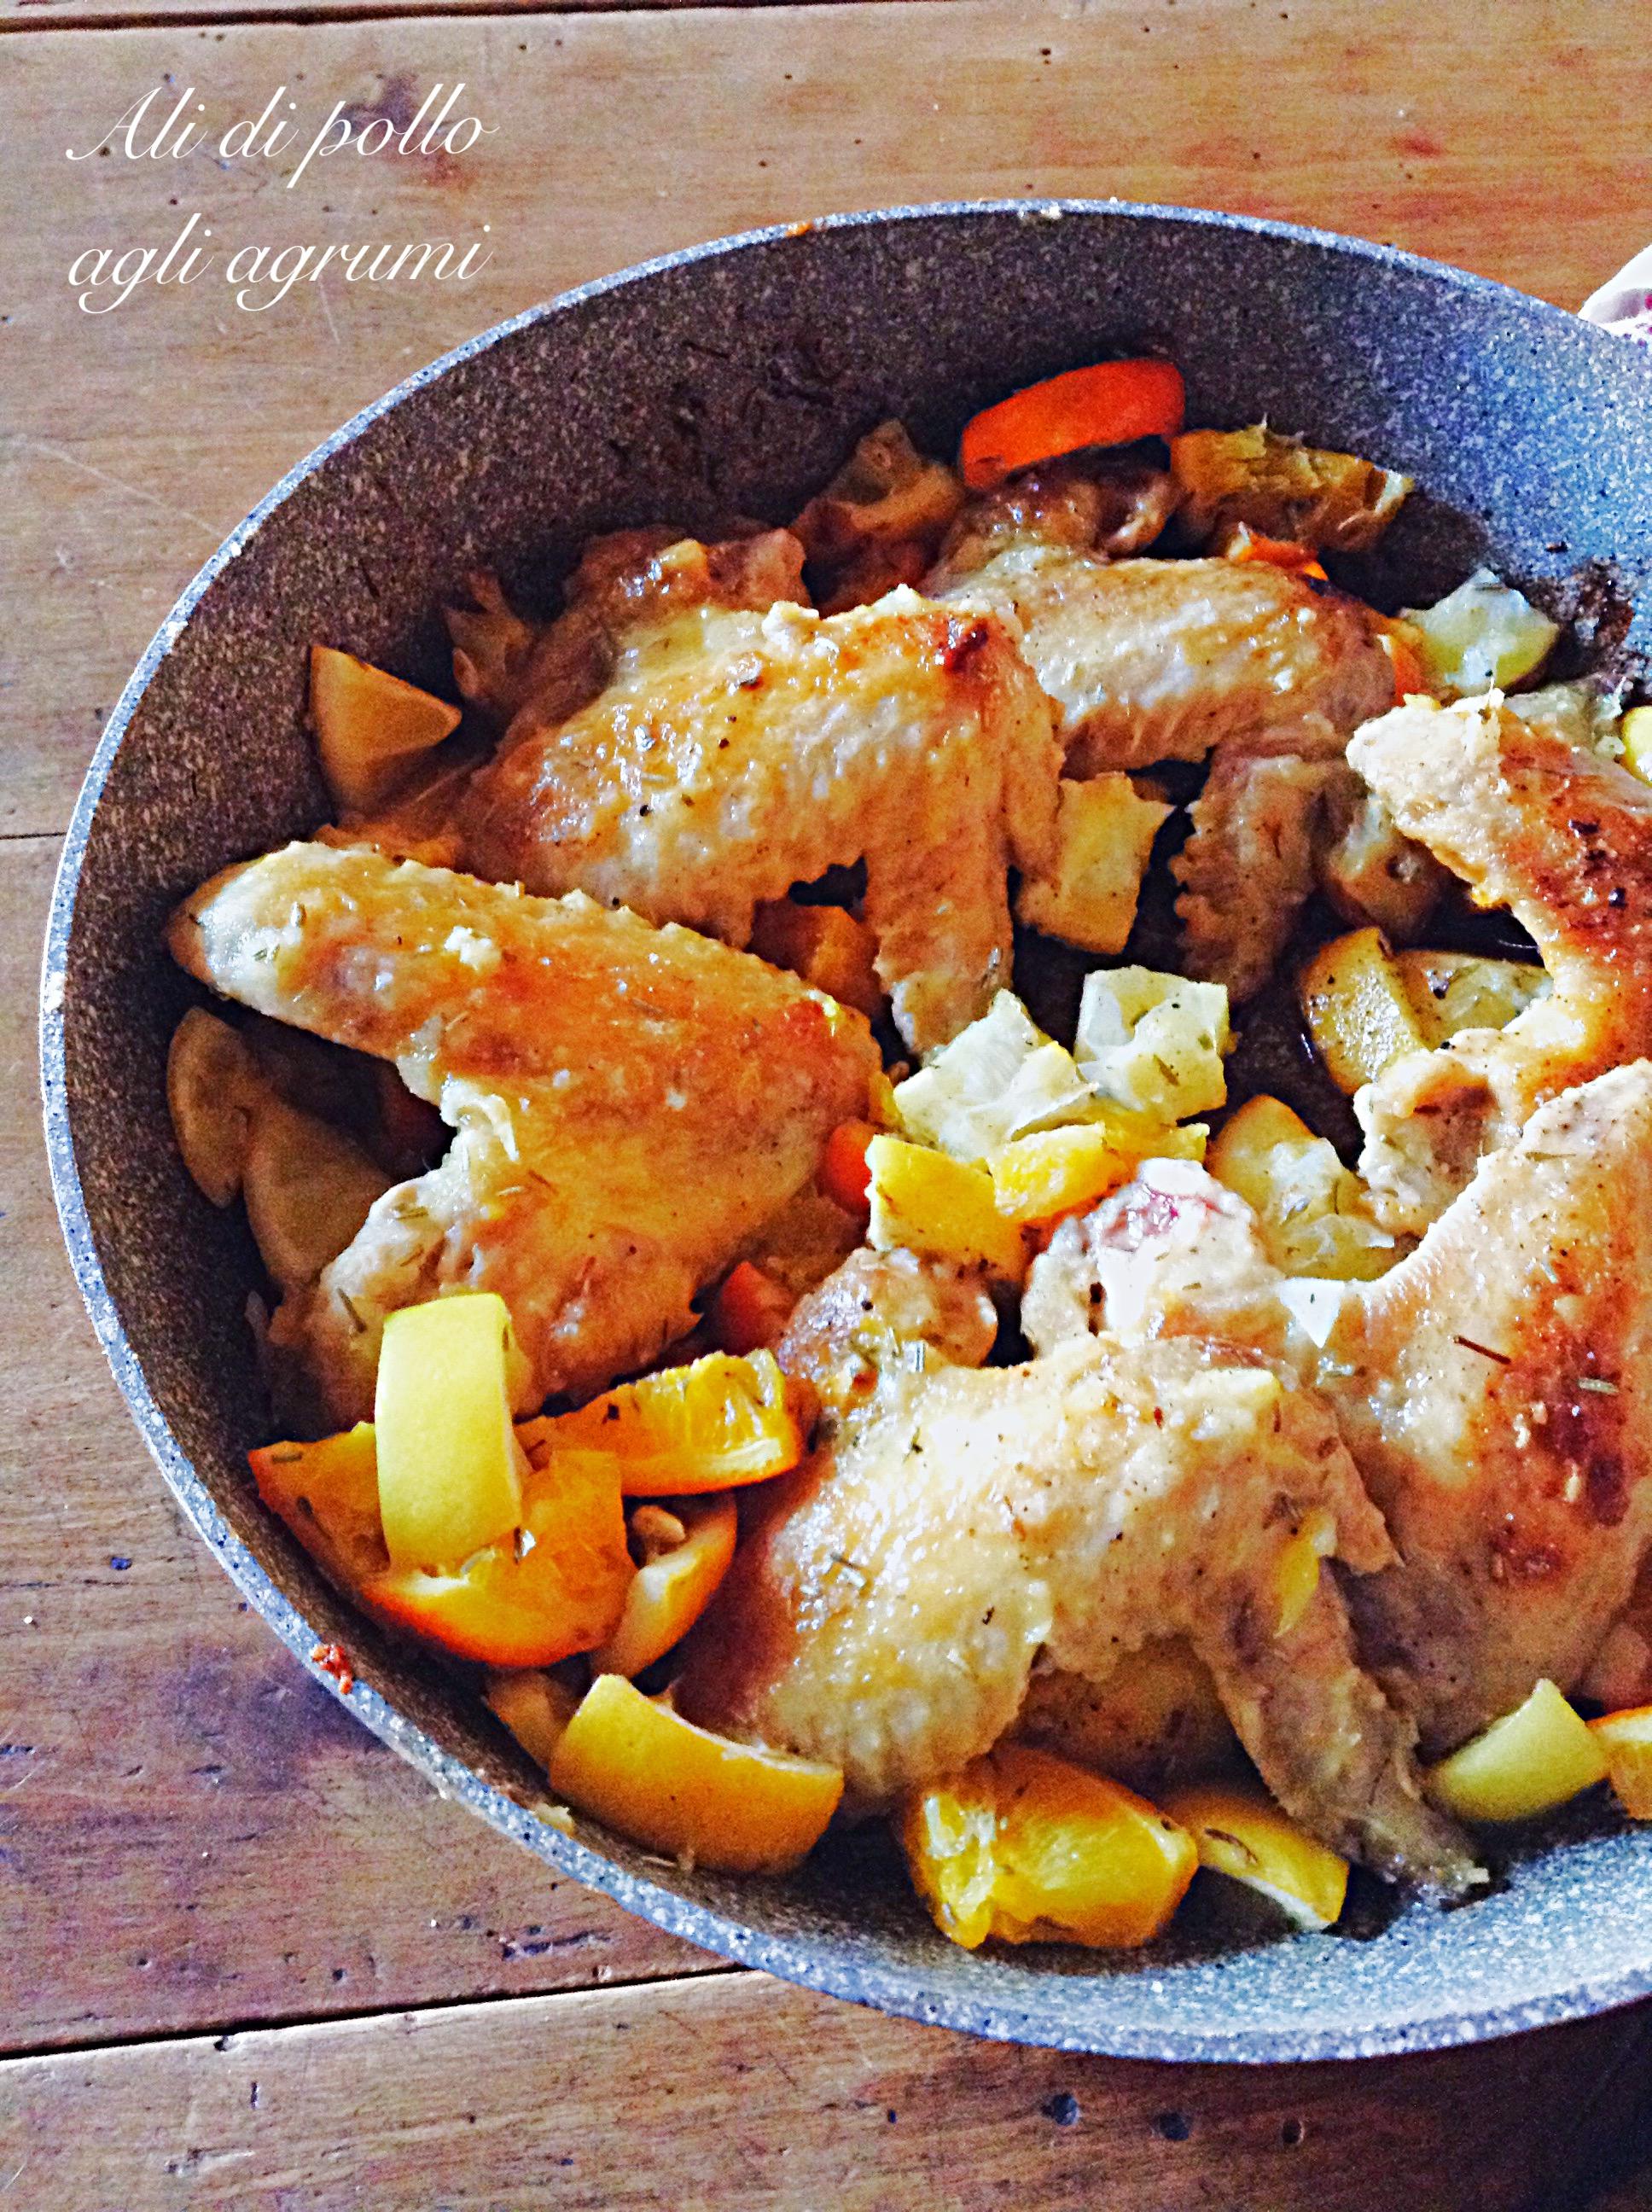 ali-di-pollo-agli-agrumi-2